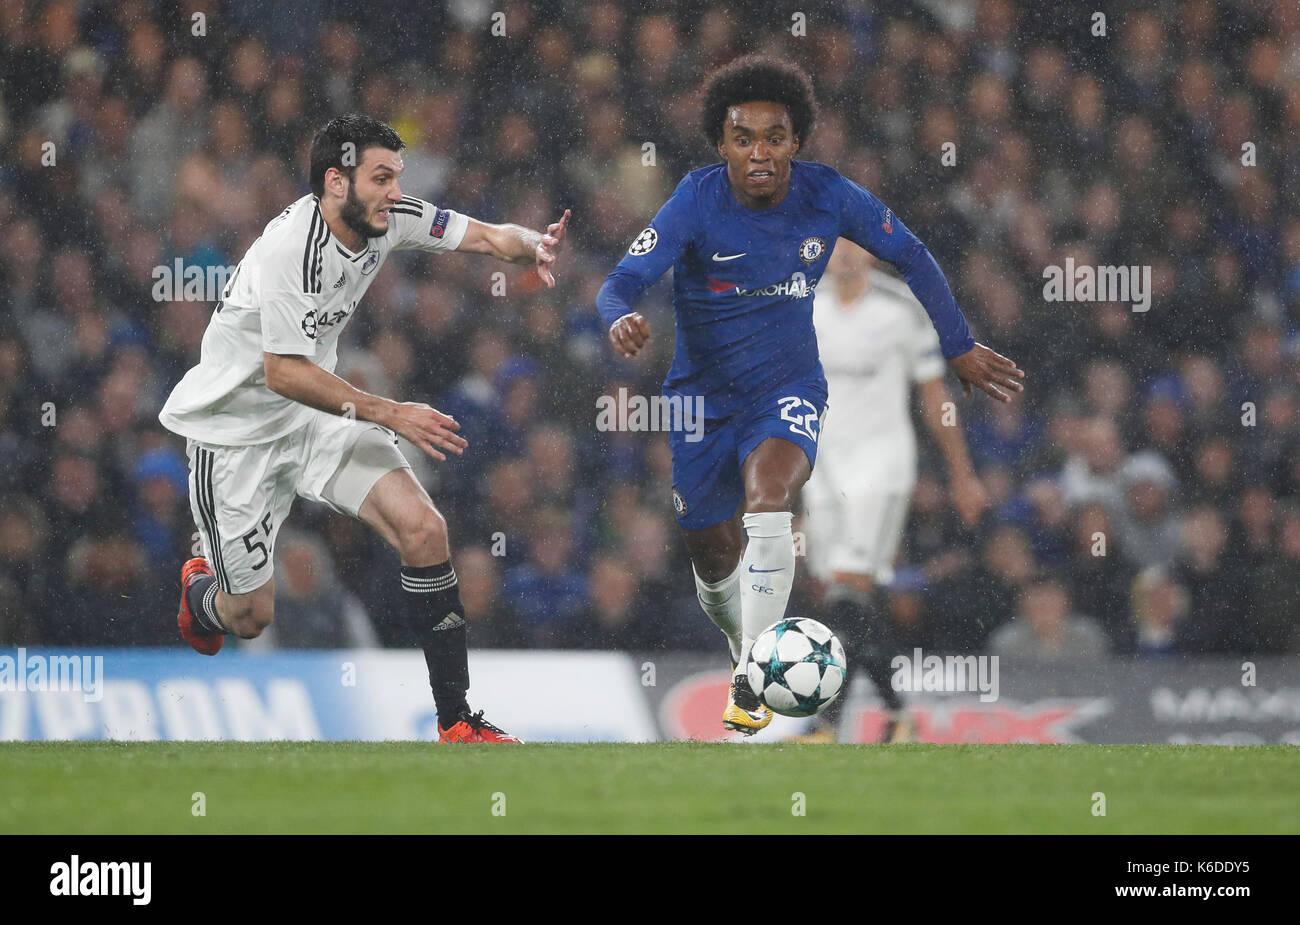 London, Großbritannien. 12 Sep, 2017. William (R) von Chelsea Mias mit Badavi Huseynov von Qarabag FK während der Stockfoto